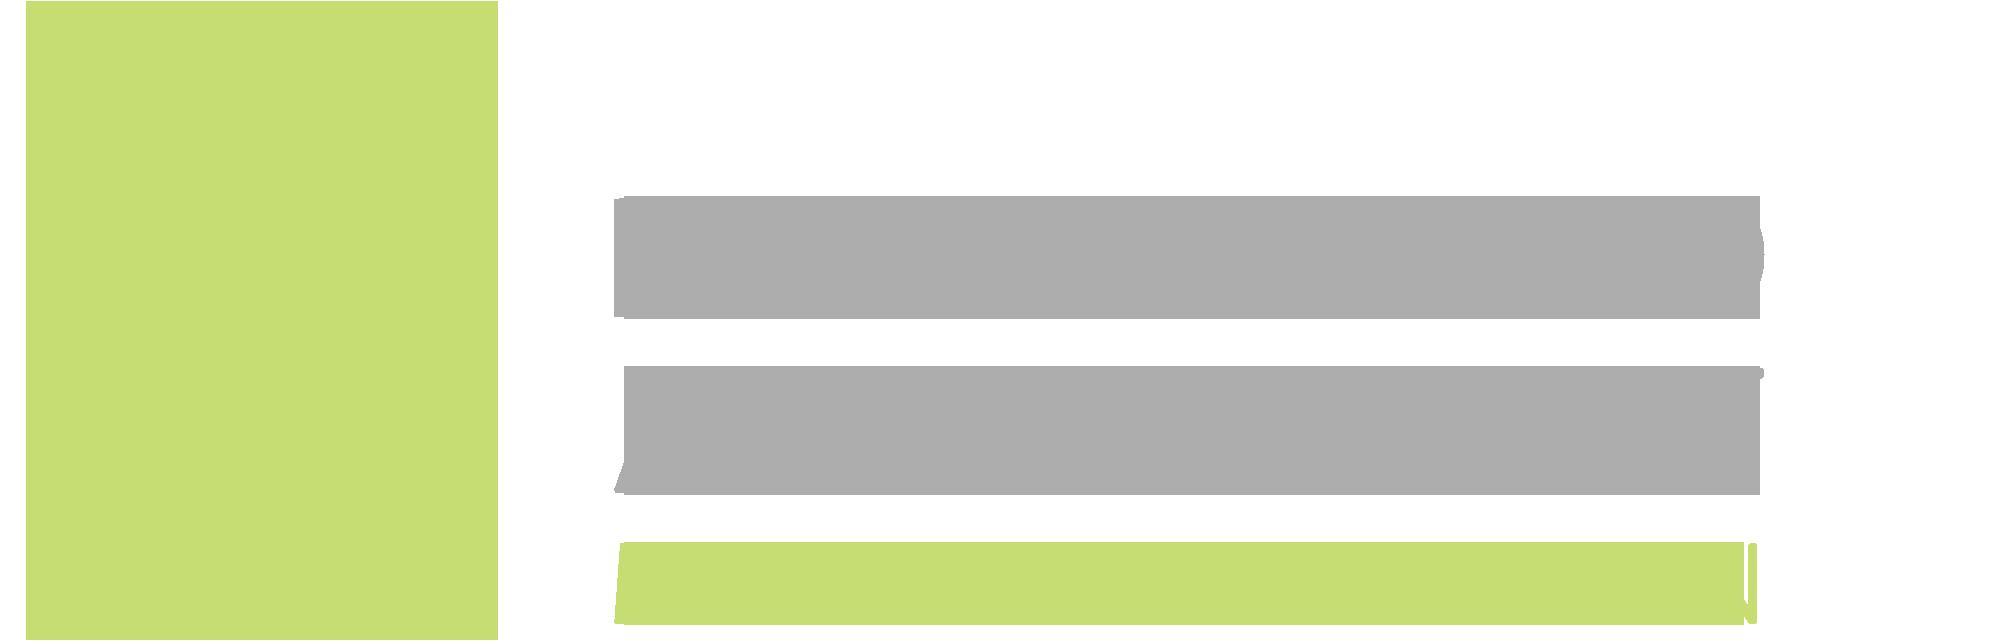 Deutschland Abgelichtet Medienproduktion